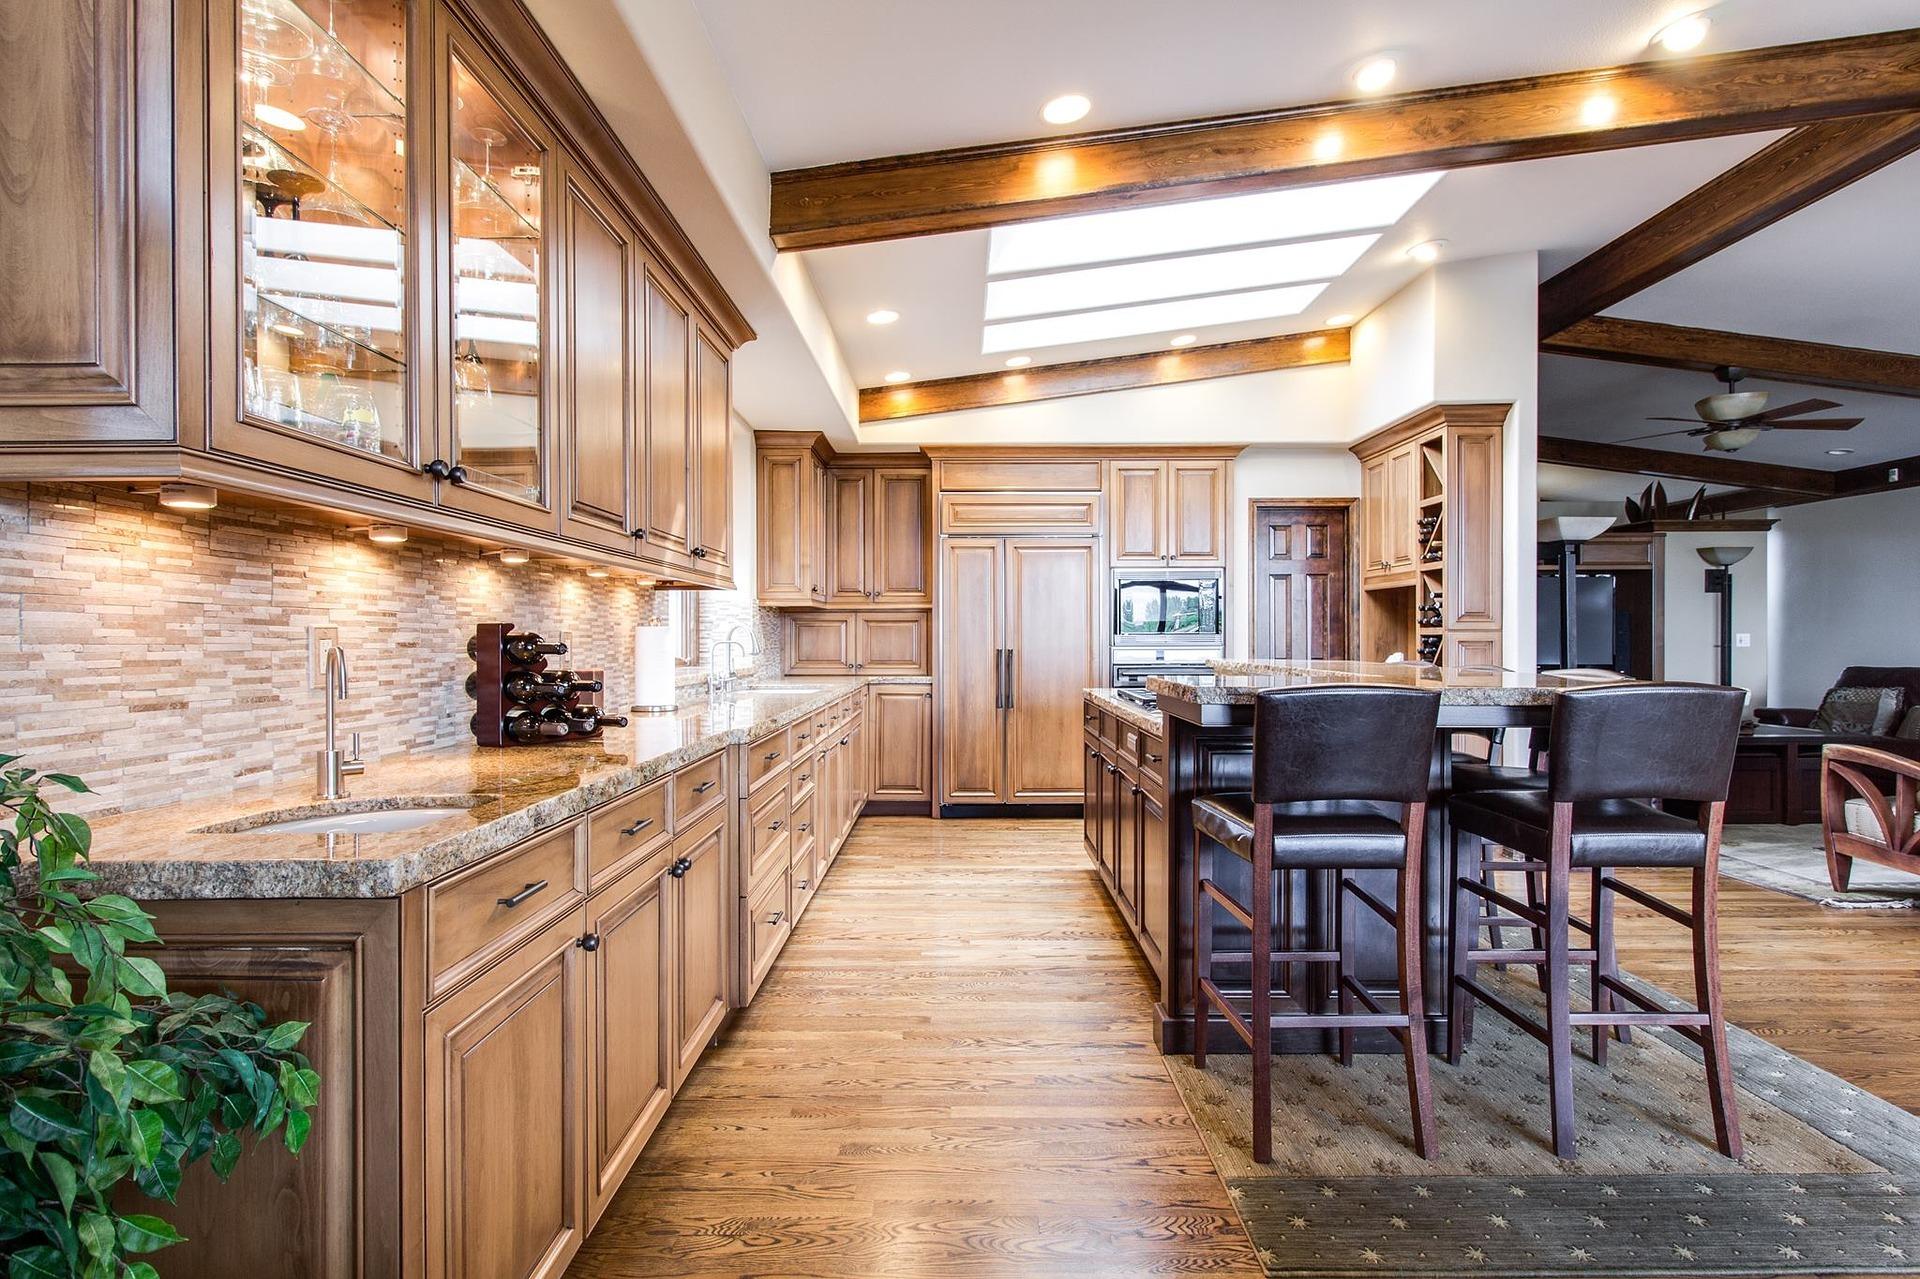 kitchen, dining, interior